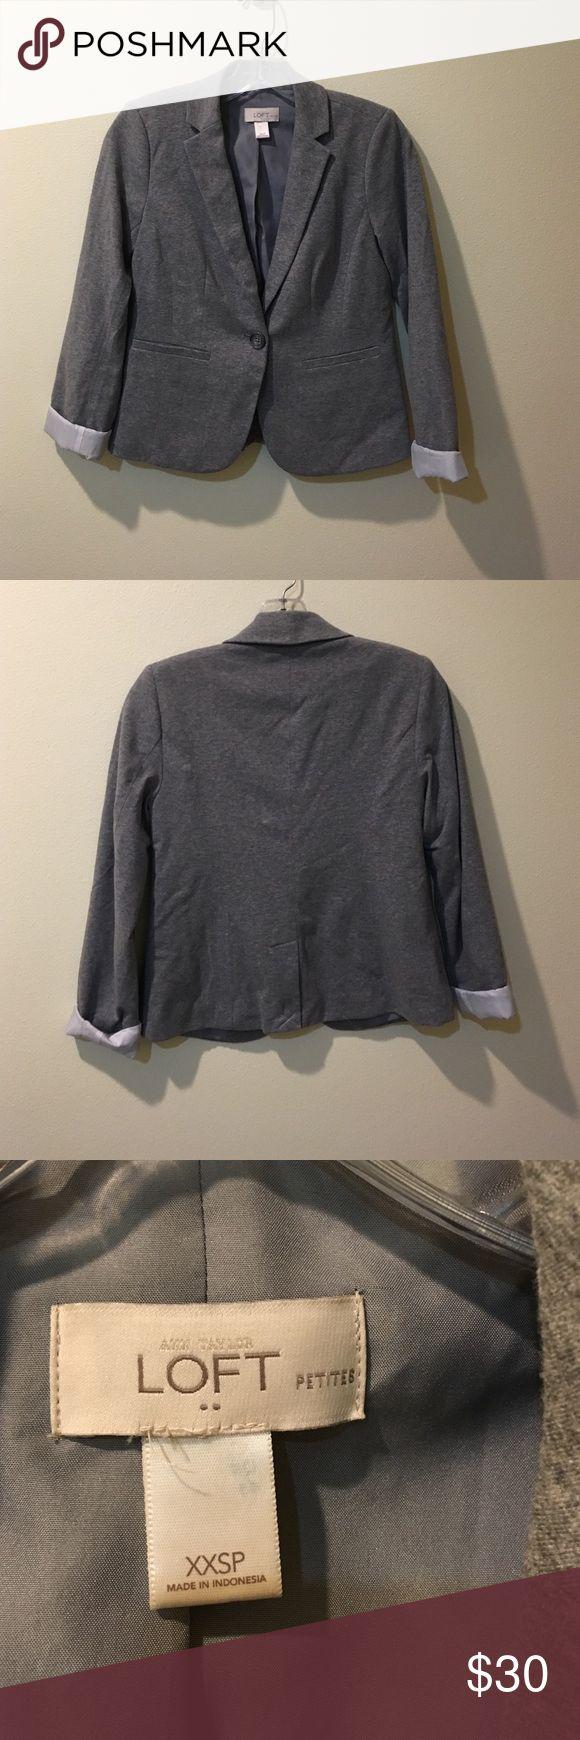 BNWOT Loft Grey Jersey Blazer Petite Size Grey LOFT Jersey Blazer Siz XXSP LOFT Jackets & Coats Blazers